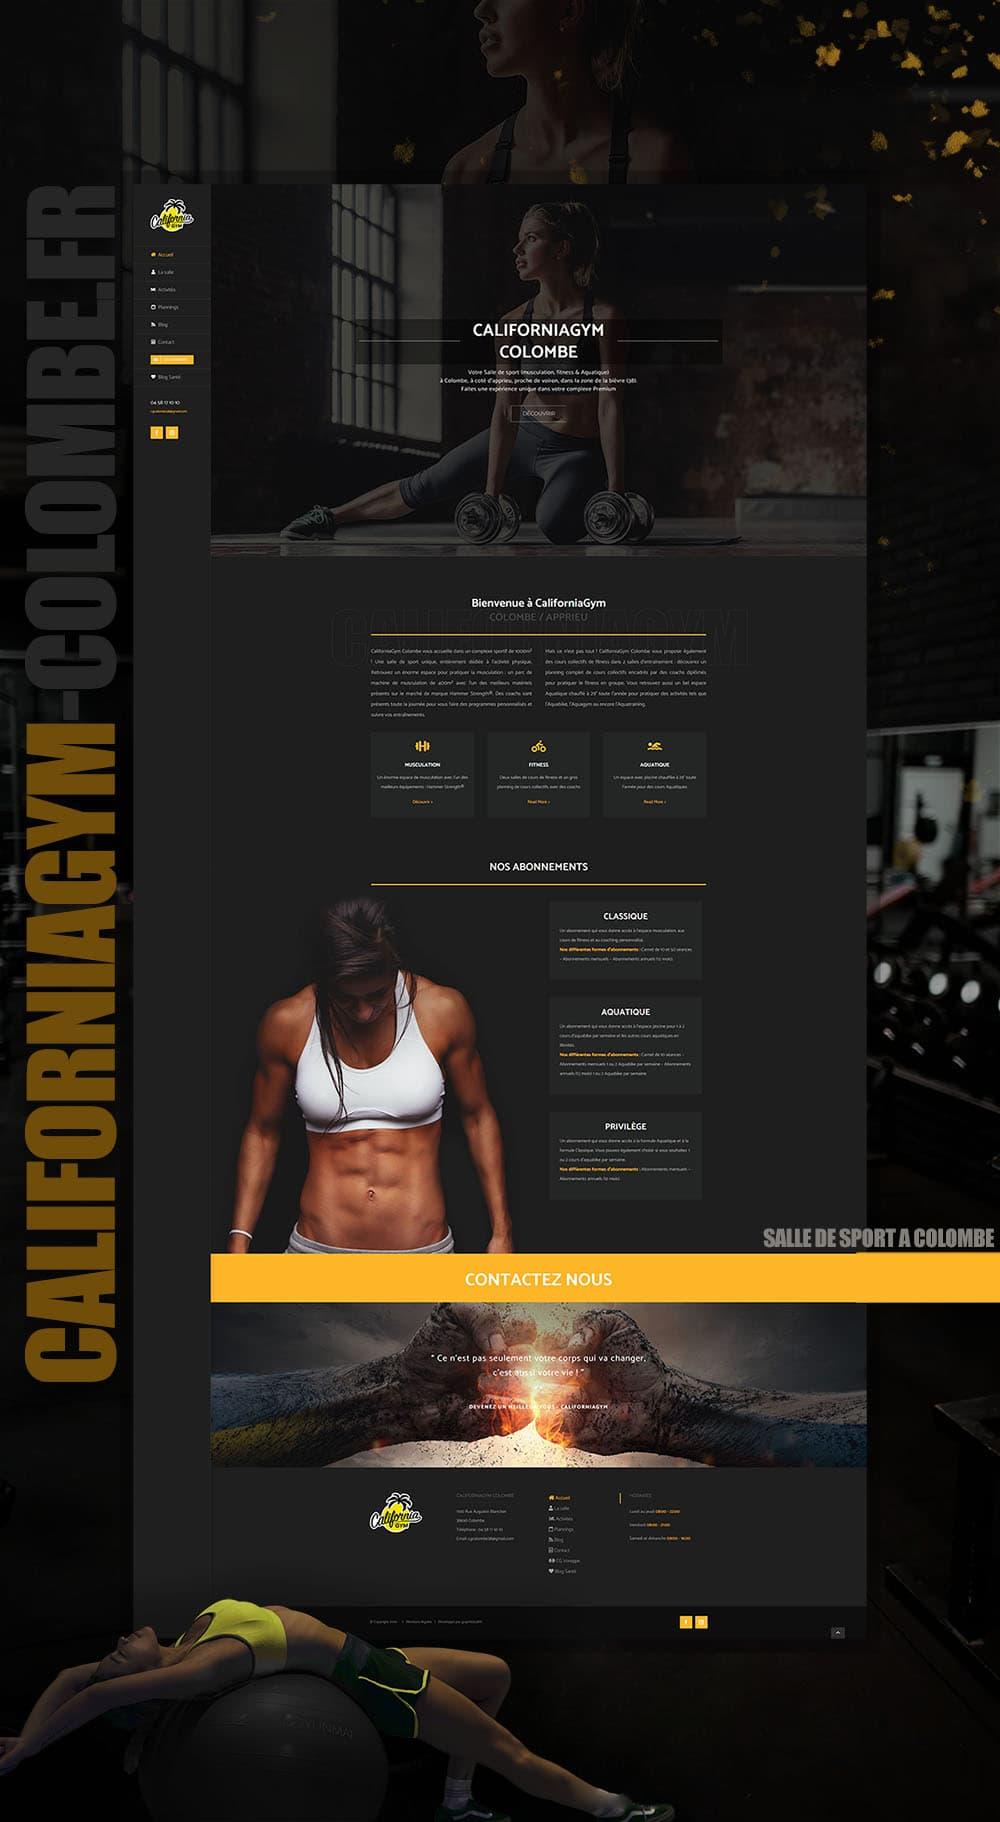 Maquette graphique pour le site Internet CaliforniaGym II